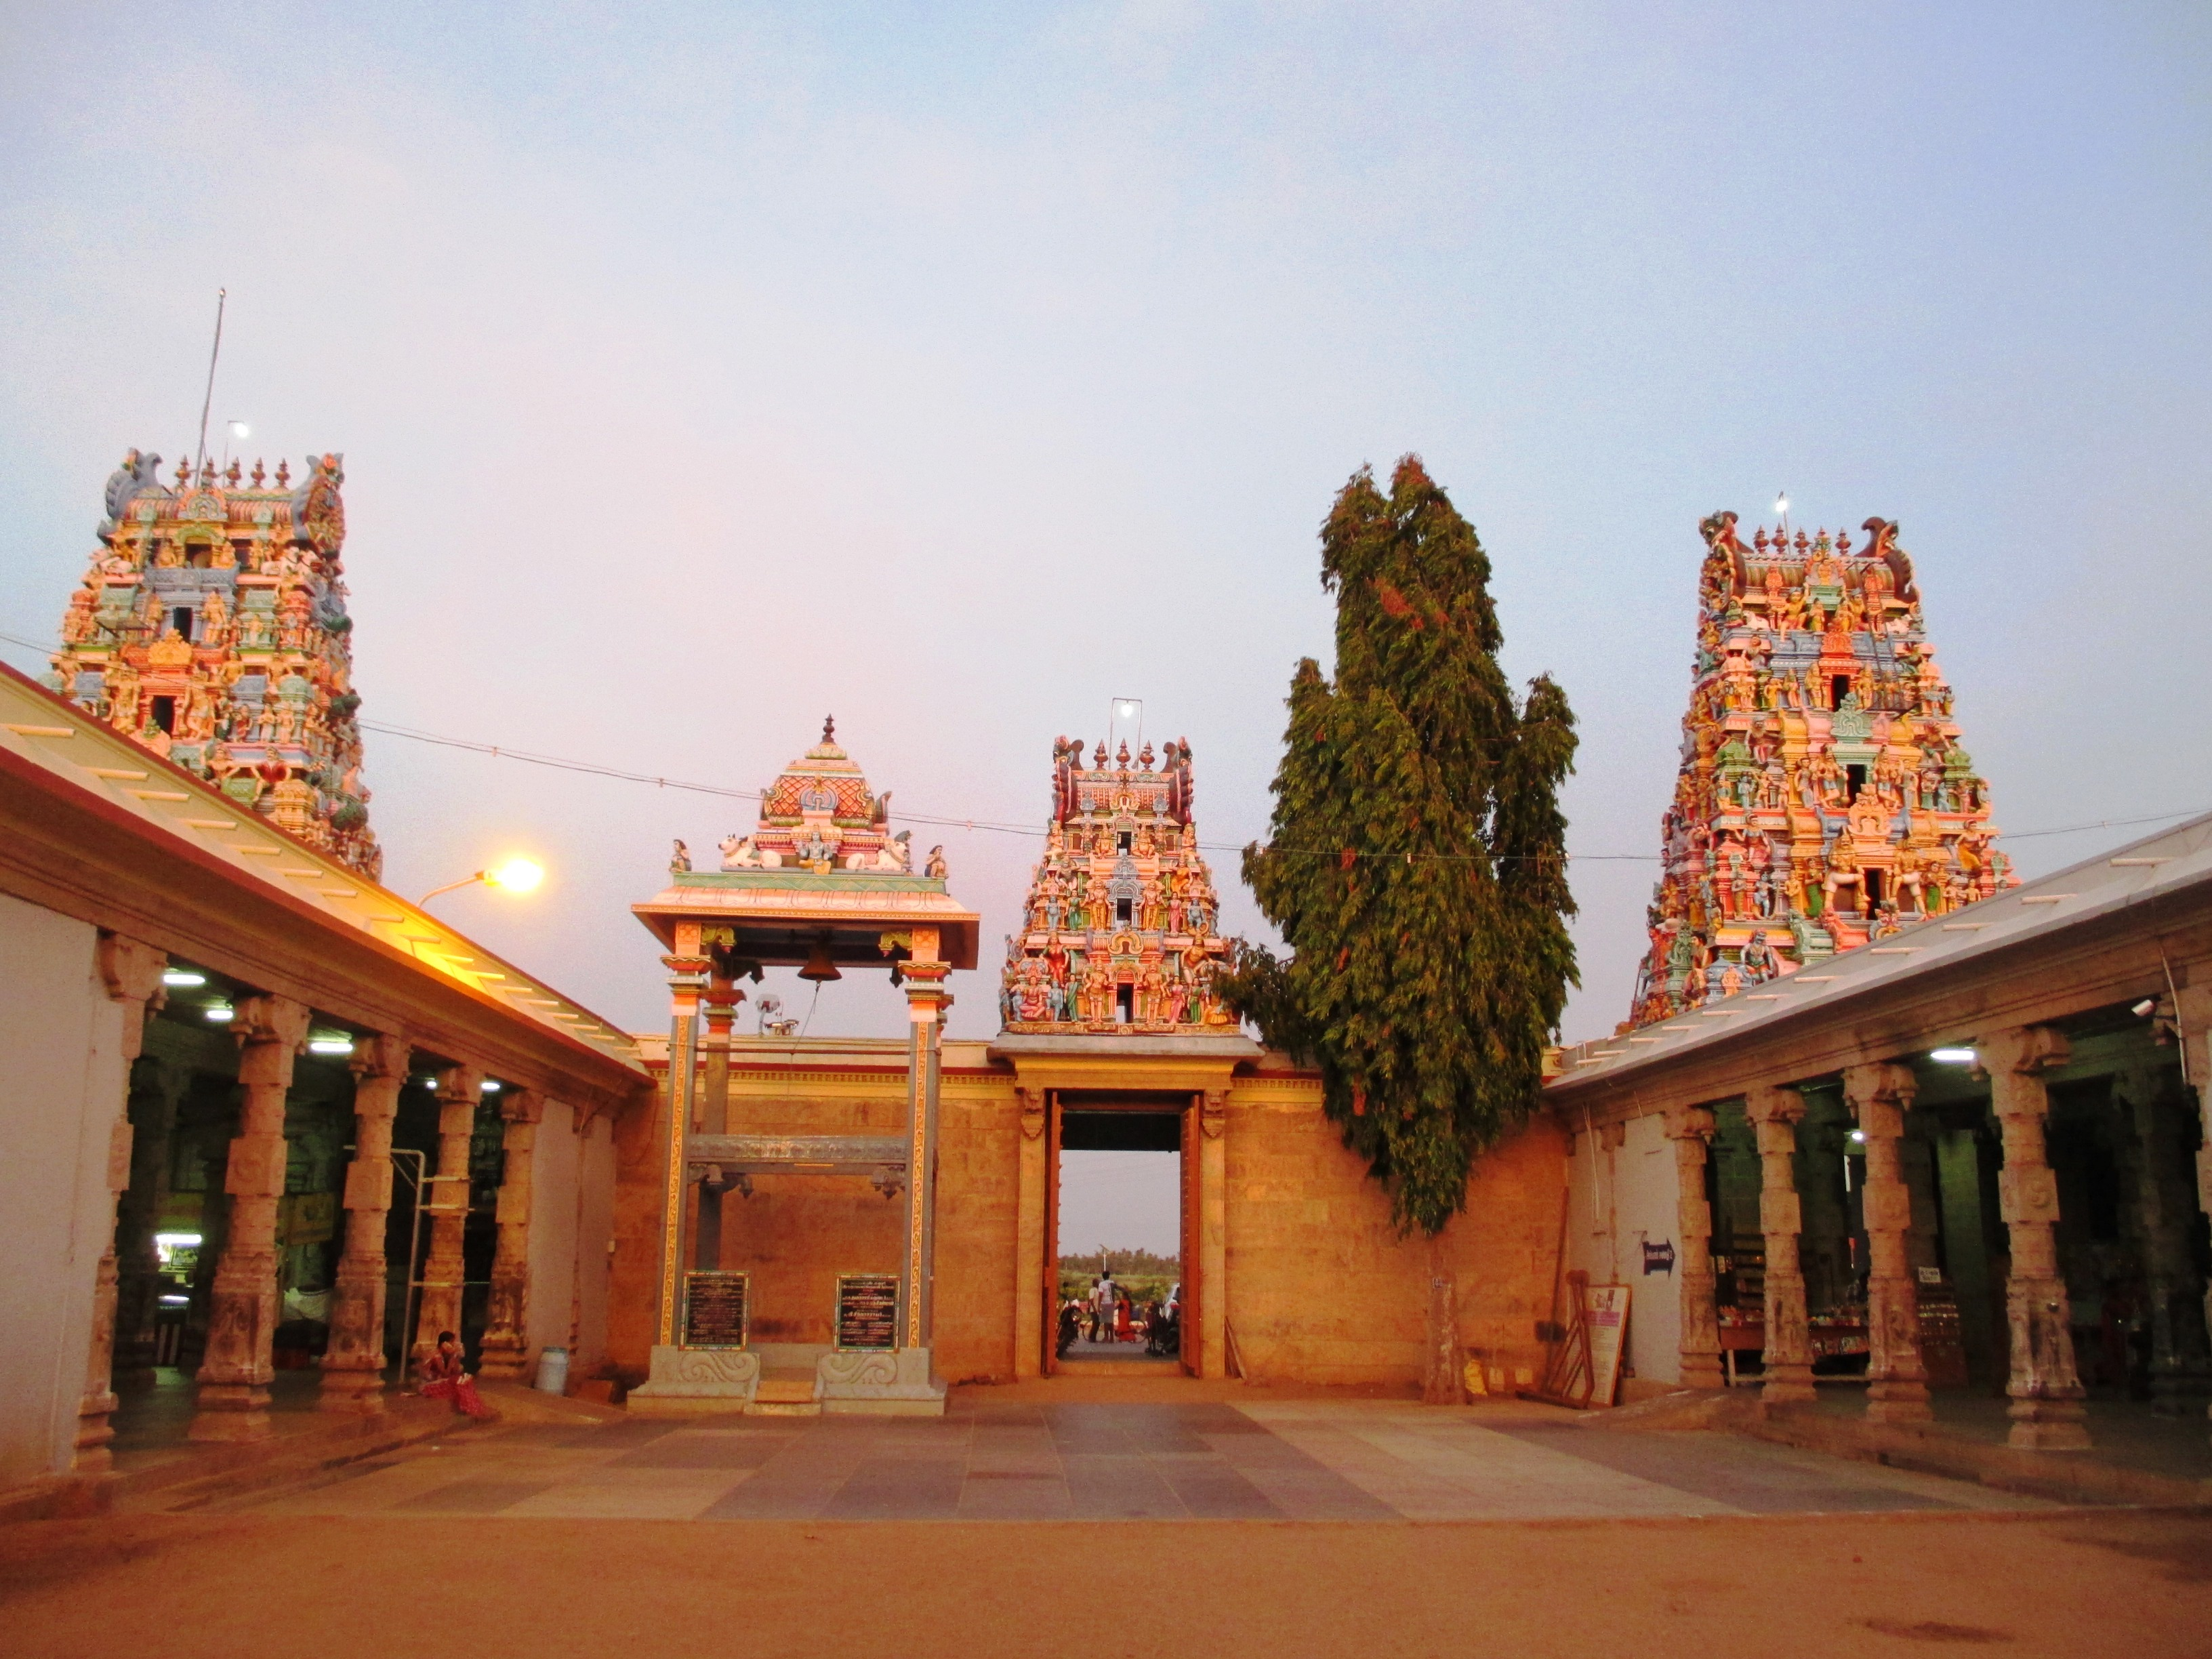 Kodumudi Chatroom, Tamil Nadu - Free Online India E-Chat